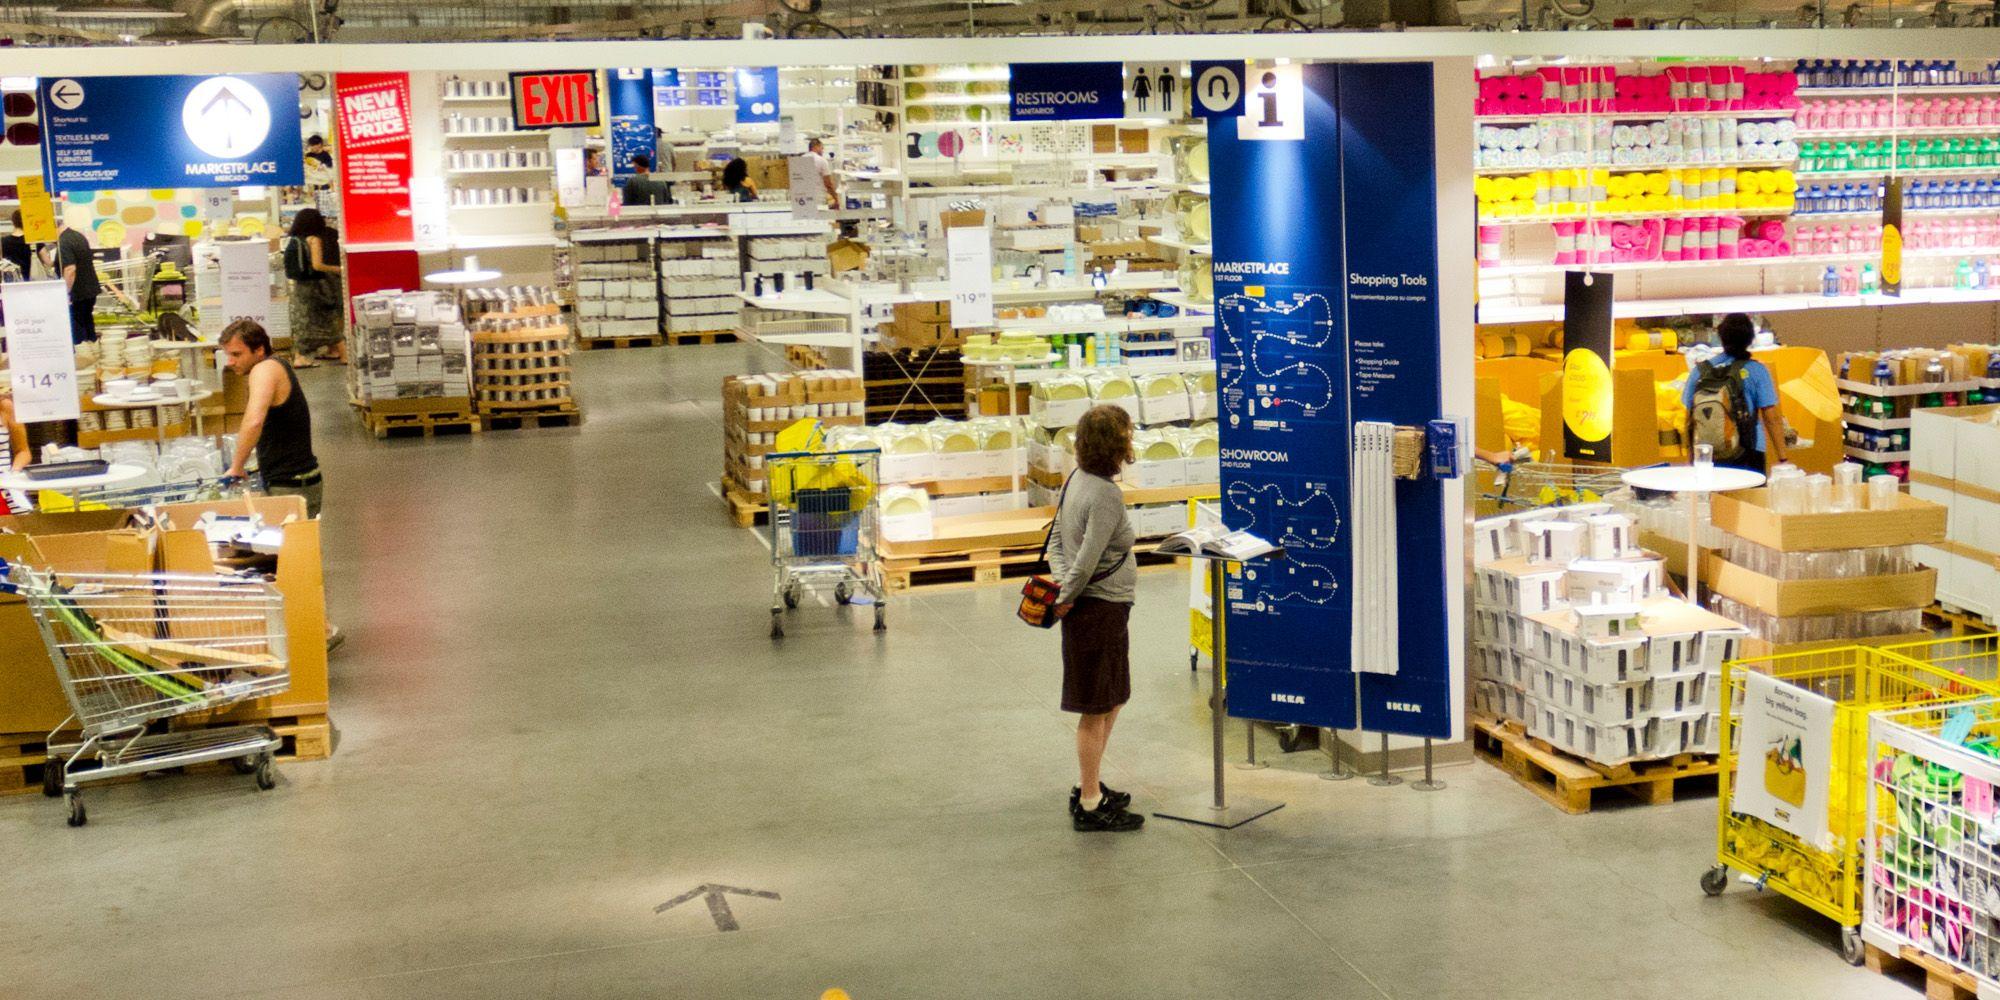 Ikea Comenzará A Vender Por Internet En Diciembre